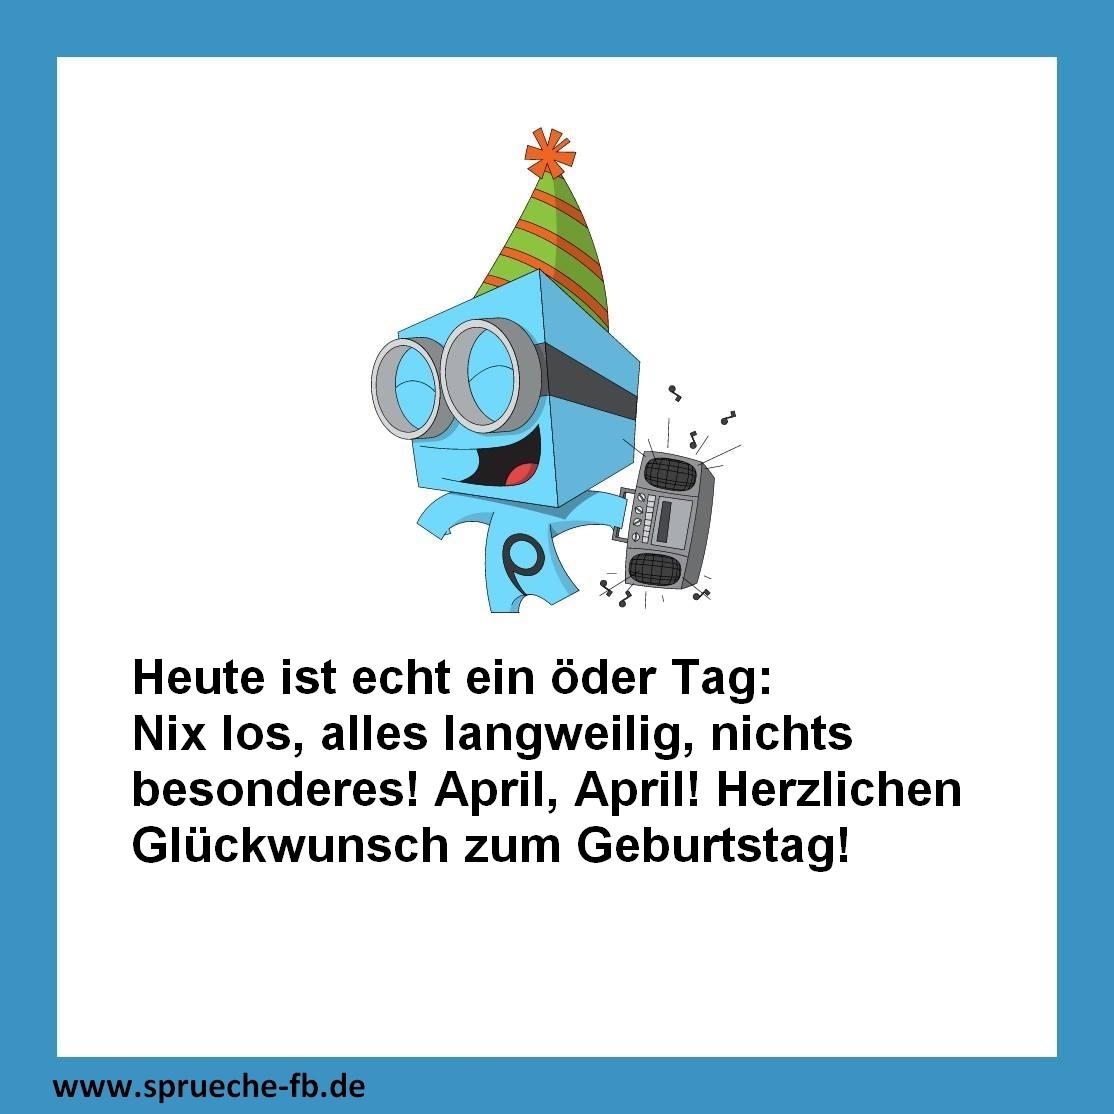 Delicieux Geburtstags Sms Sprüche Bilder